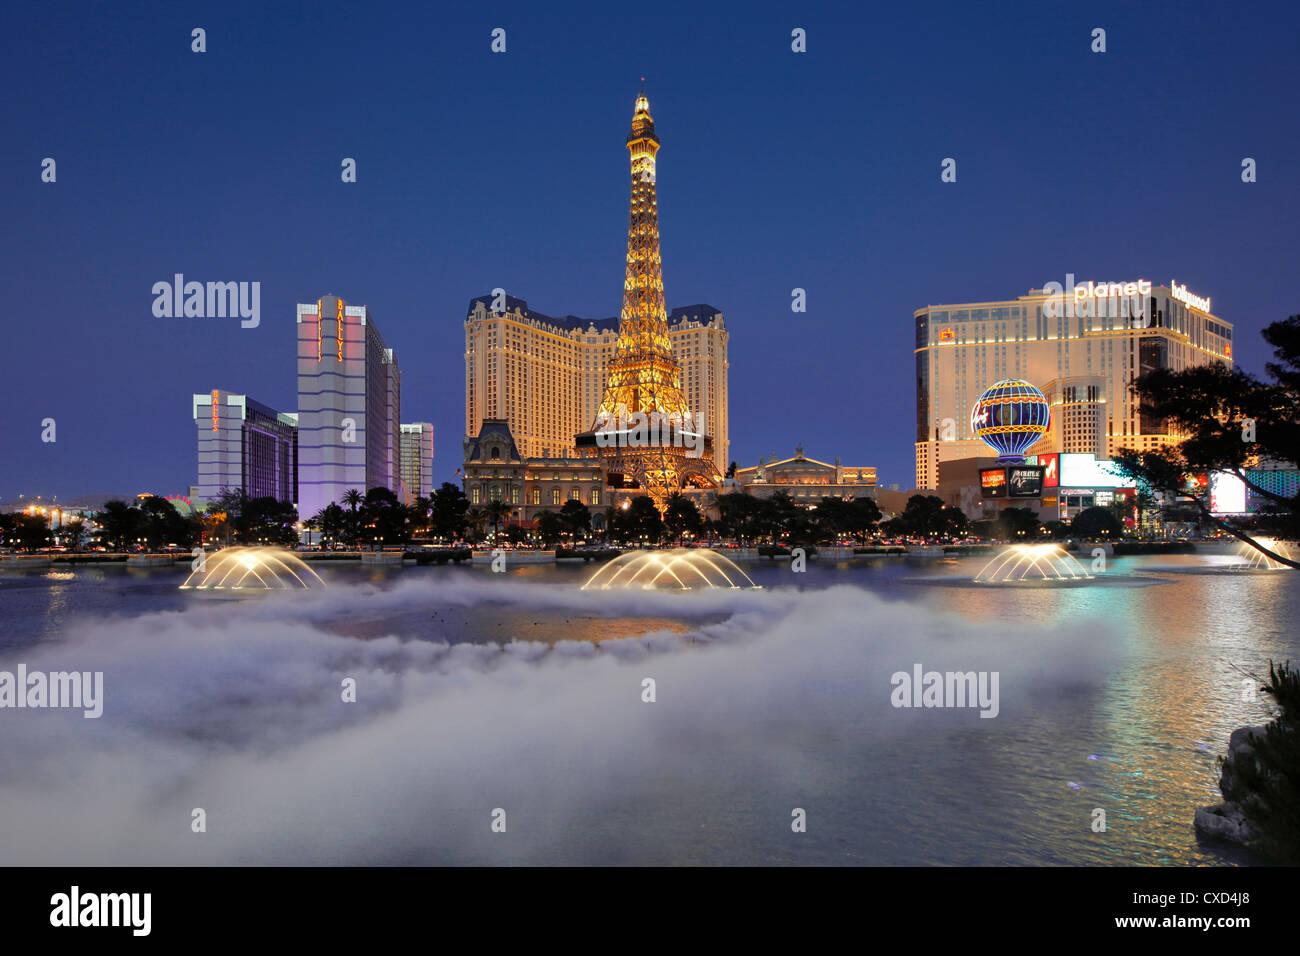 Bellagio Fountains ausführen vor dem Eiffelturm Replik, Las Vegas, Nevada, Vereinigte Staaten von Amerika, Stockbild